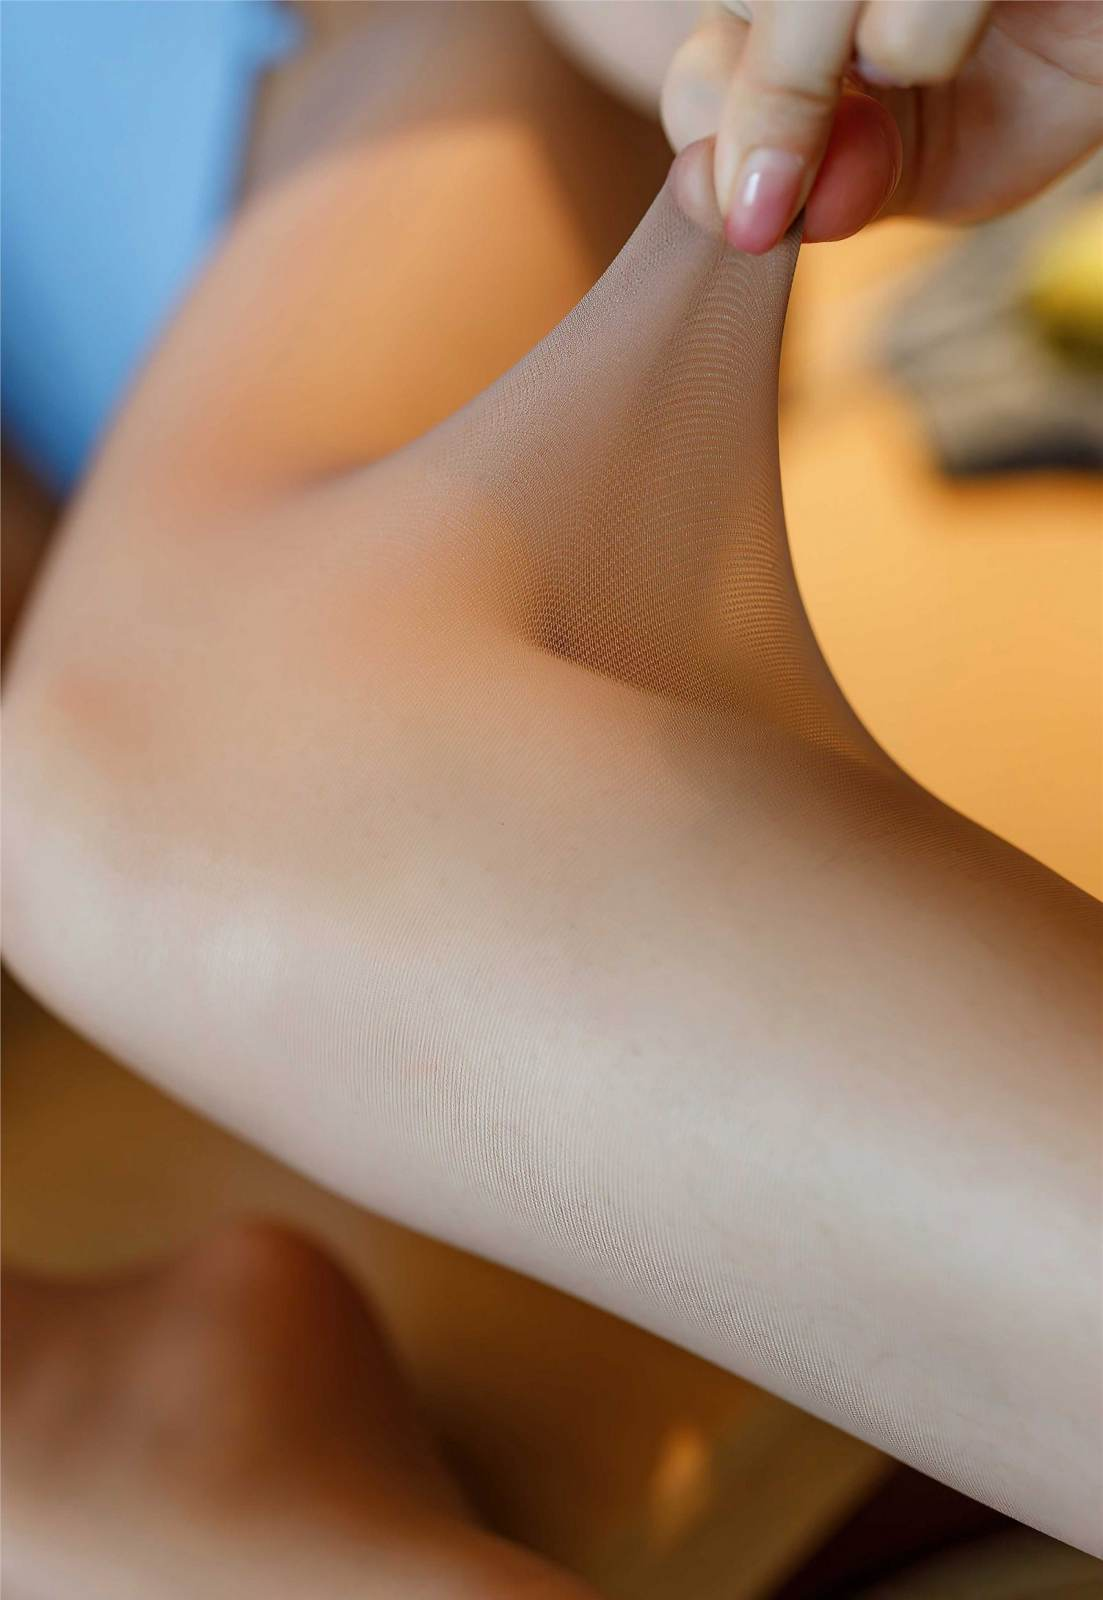 第311期经珠不动凝两眉,铅华销尽见天真。小热巴(丝足,肉丝,破洞丝袜,大长腿,泳衣)_图片8